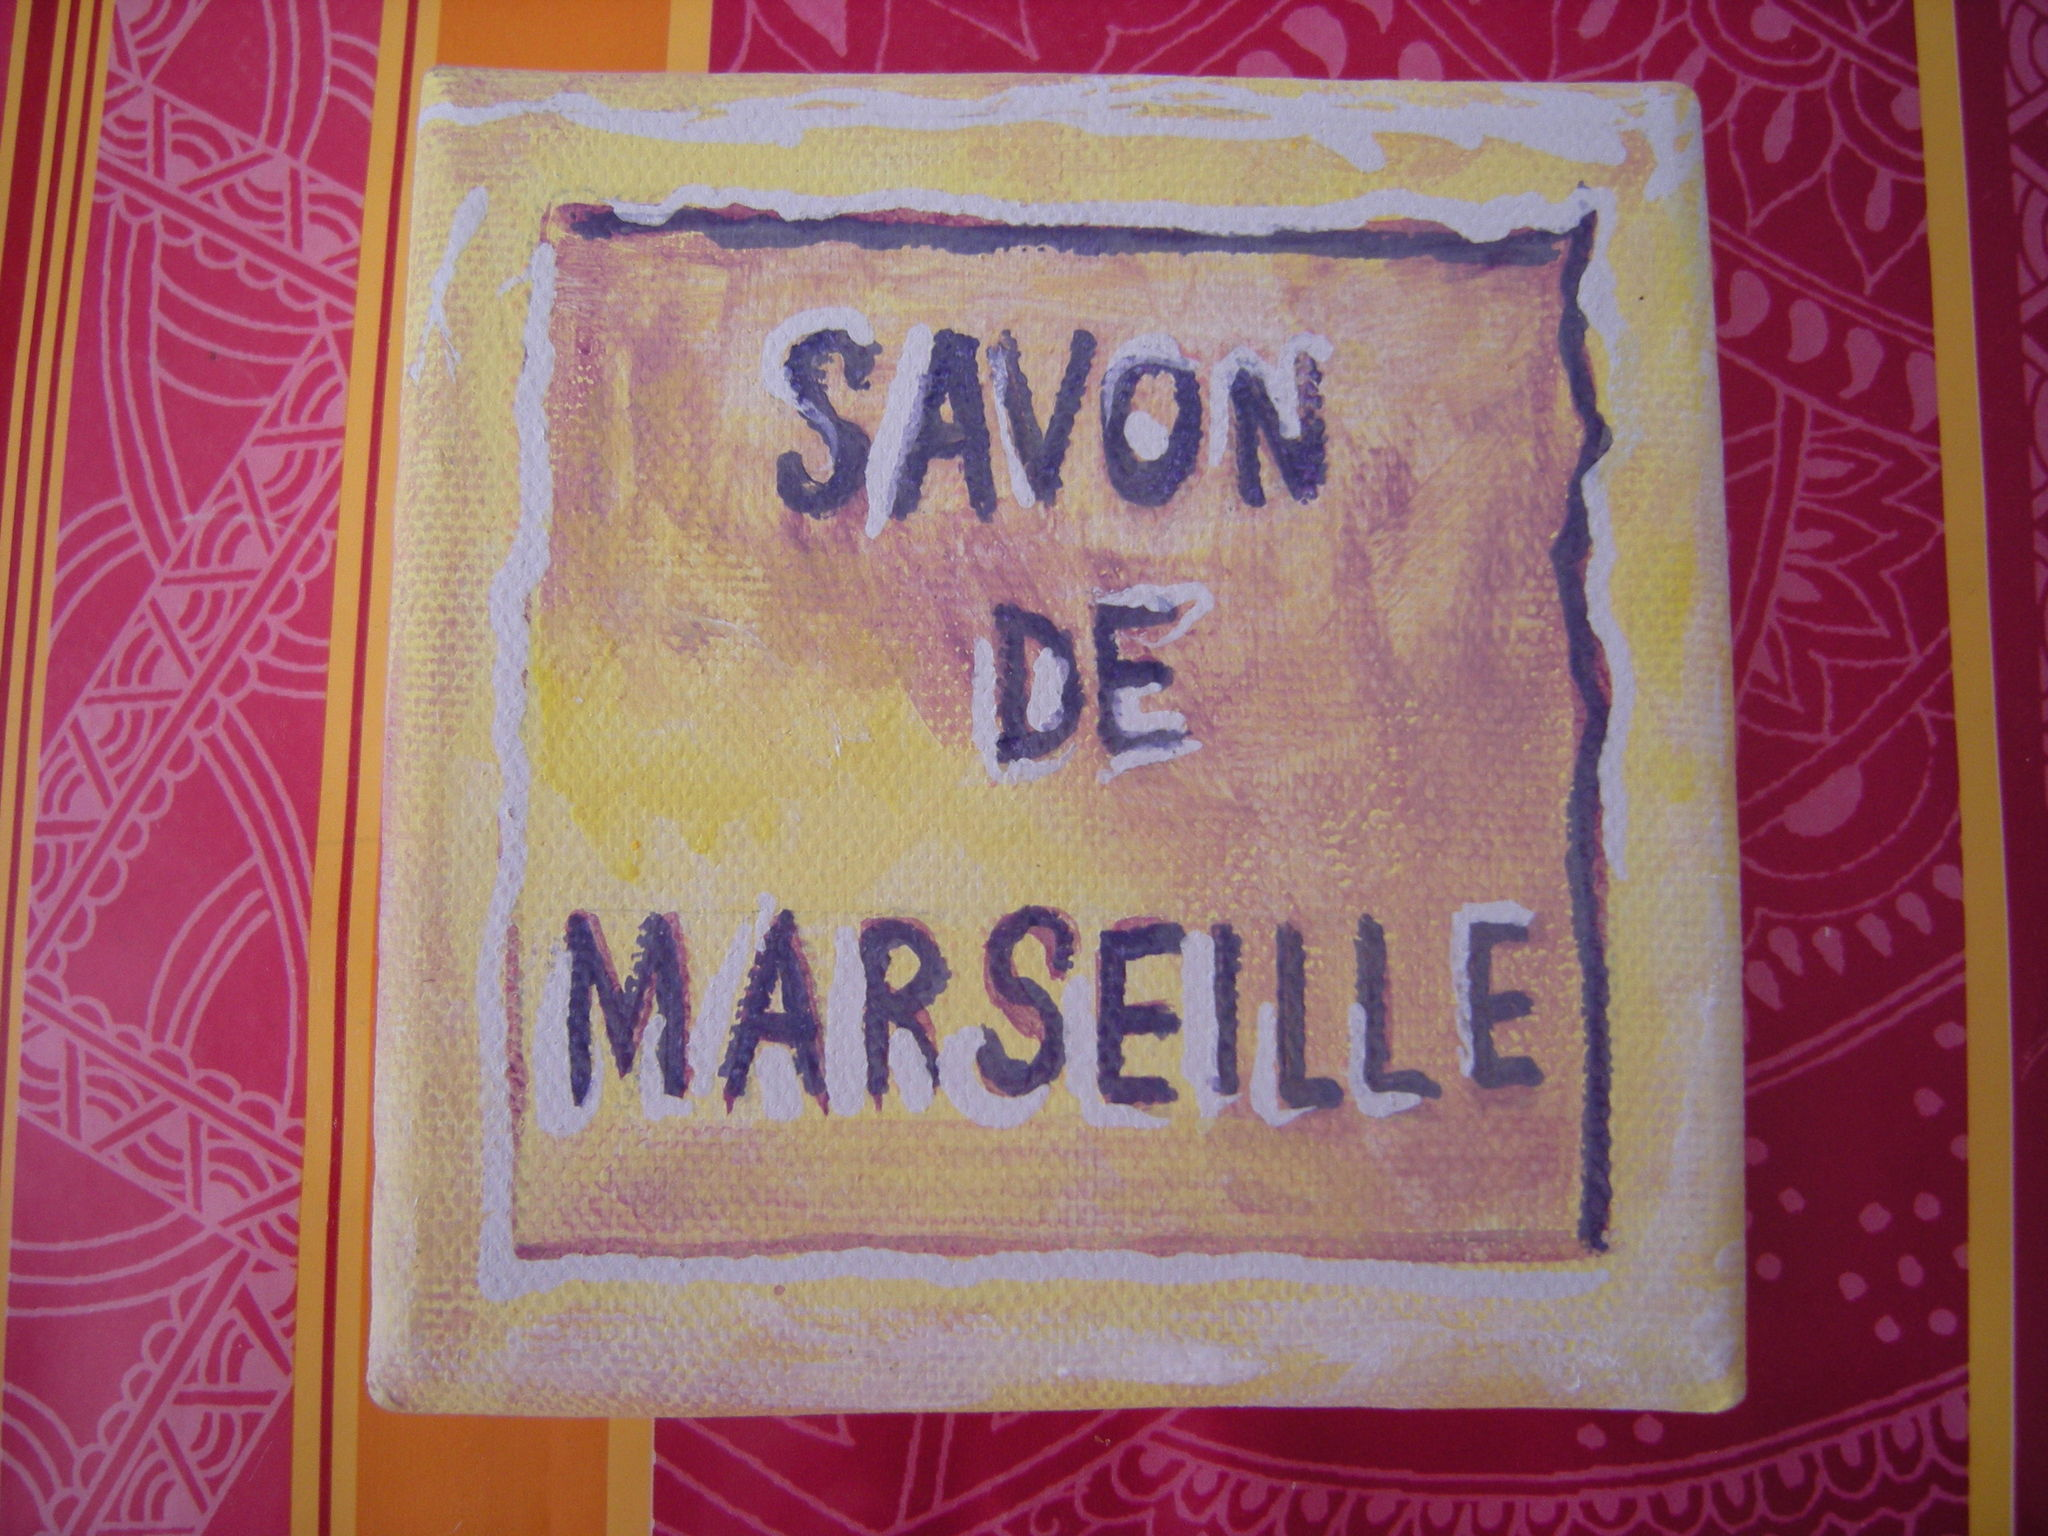 La petite histoire du savon de marseille domi dessins et peintures - Ou trouver le veritable savon de marseille ...